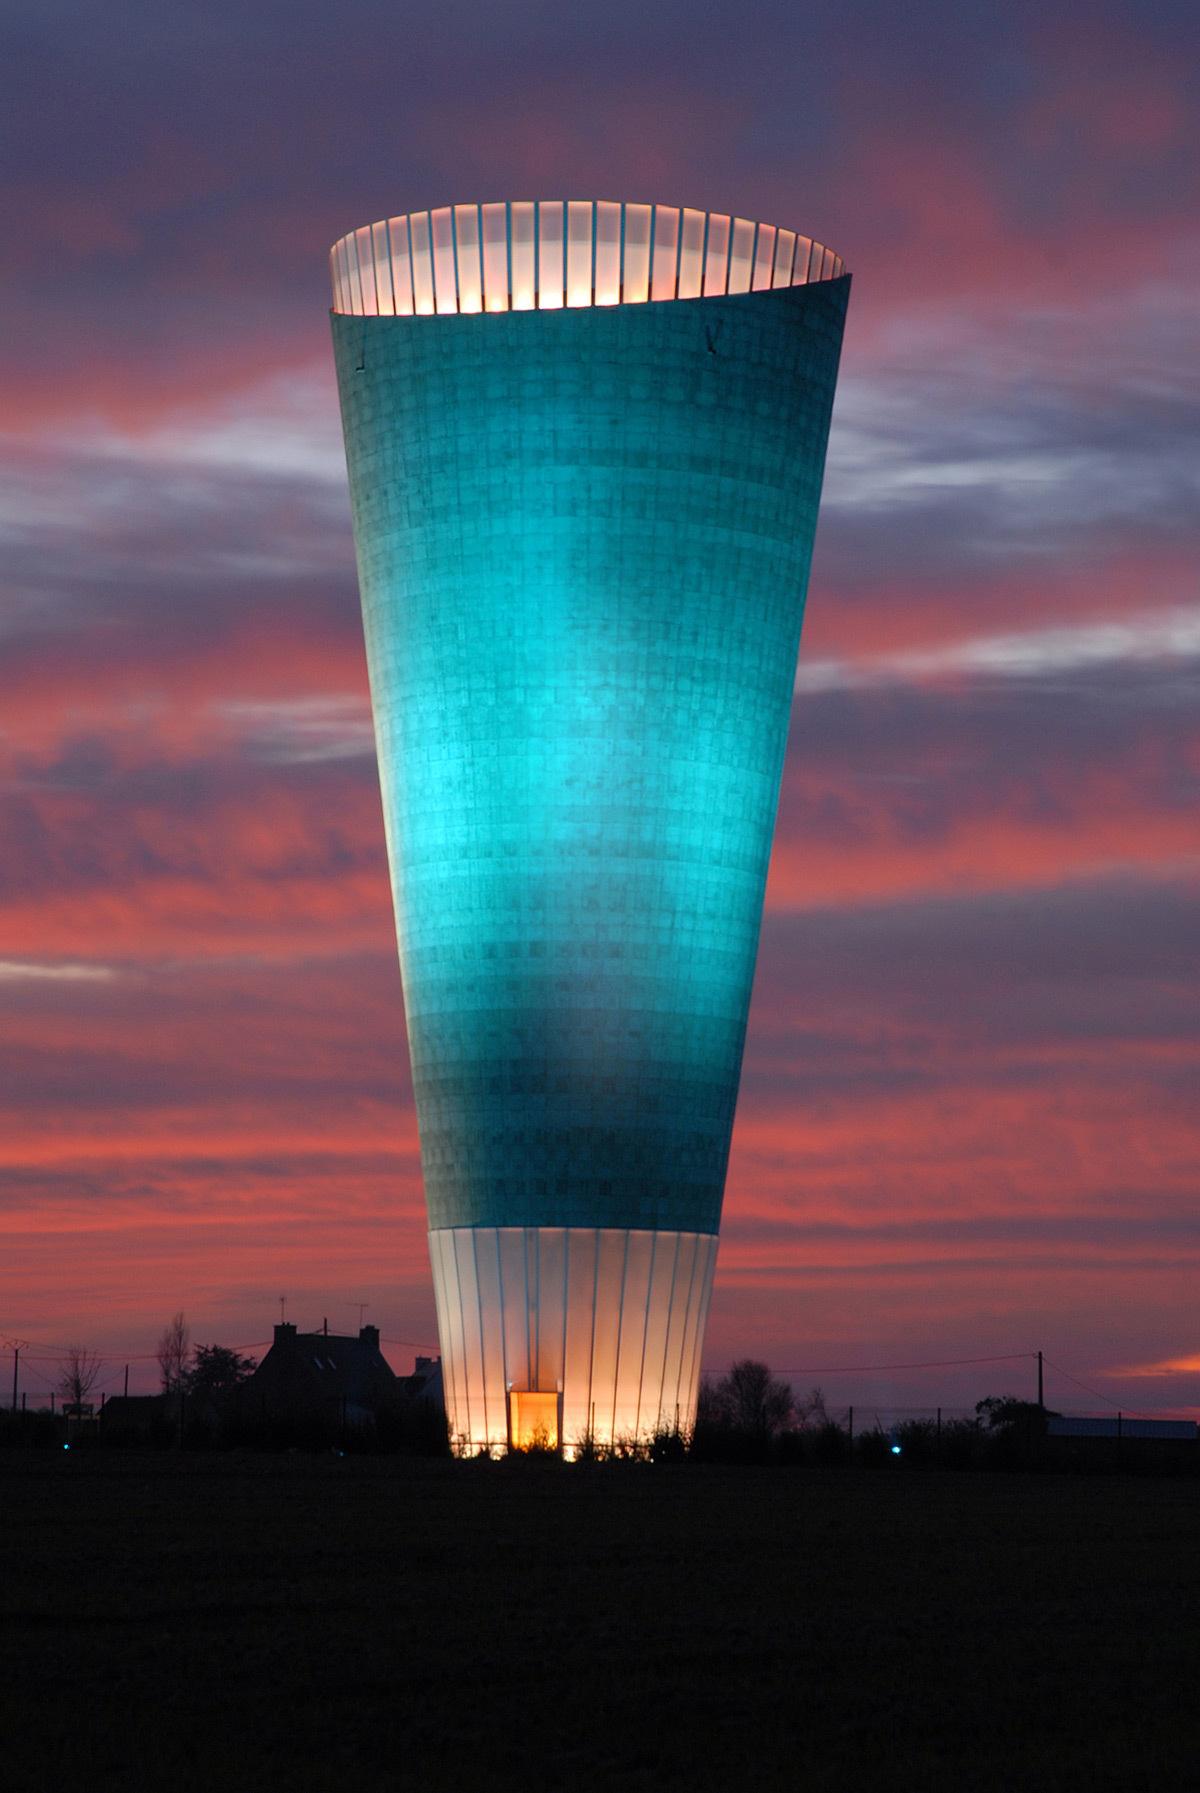 Château d'eau, Ploubazlanec, France - Architecte Thierry van de Wyngaert - Concepteur lumière et photo 8'18''